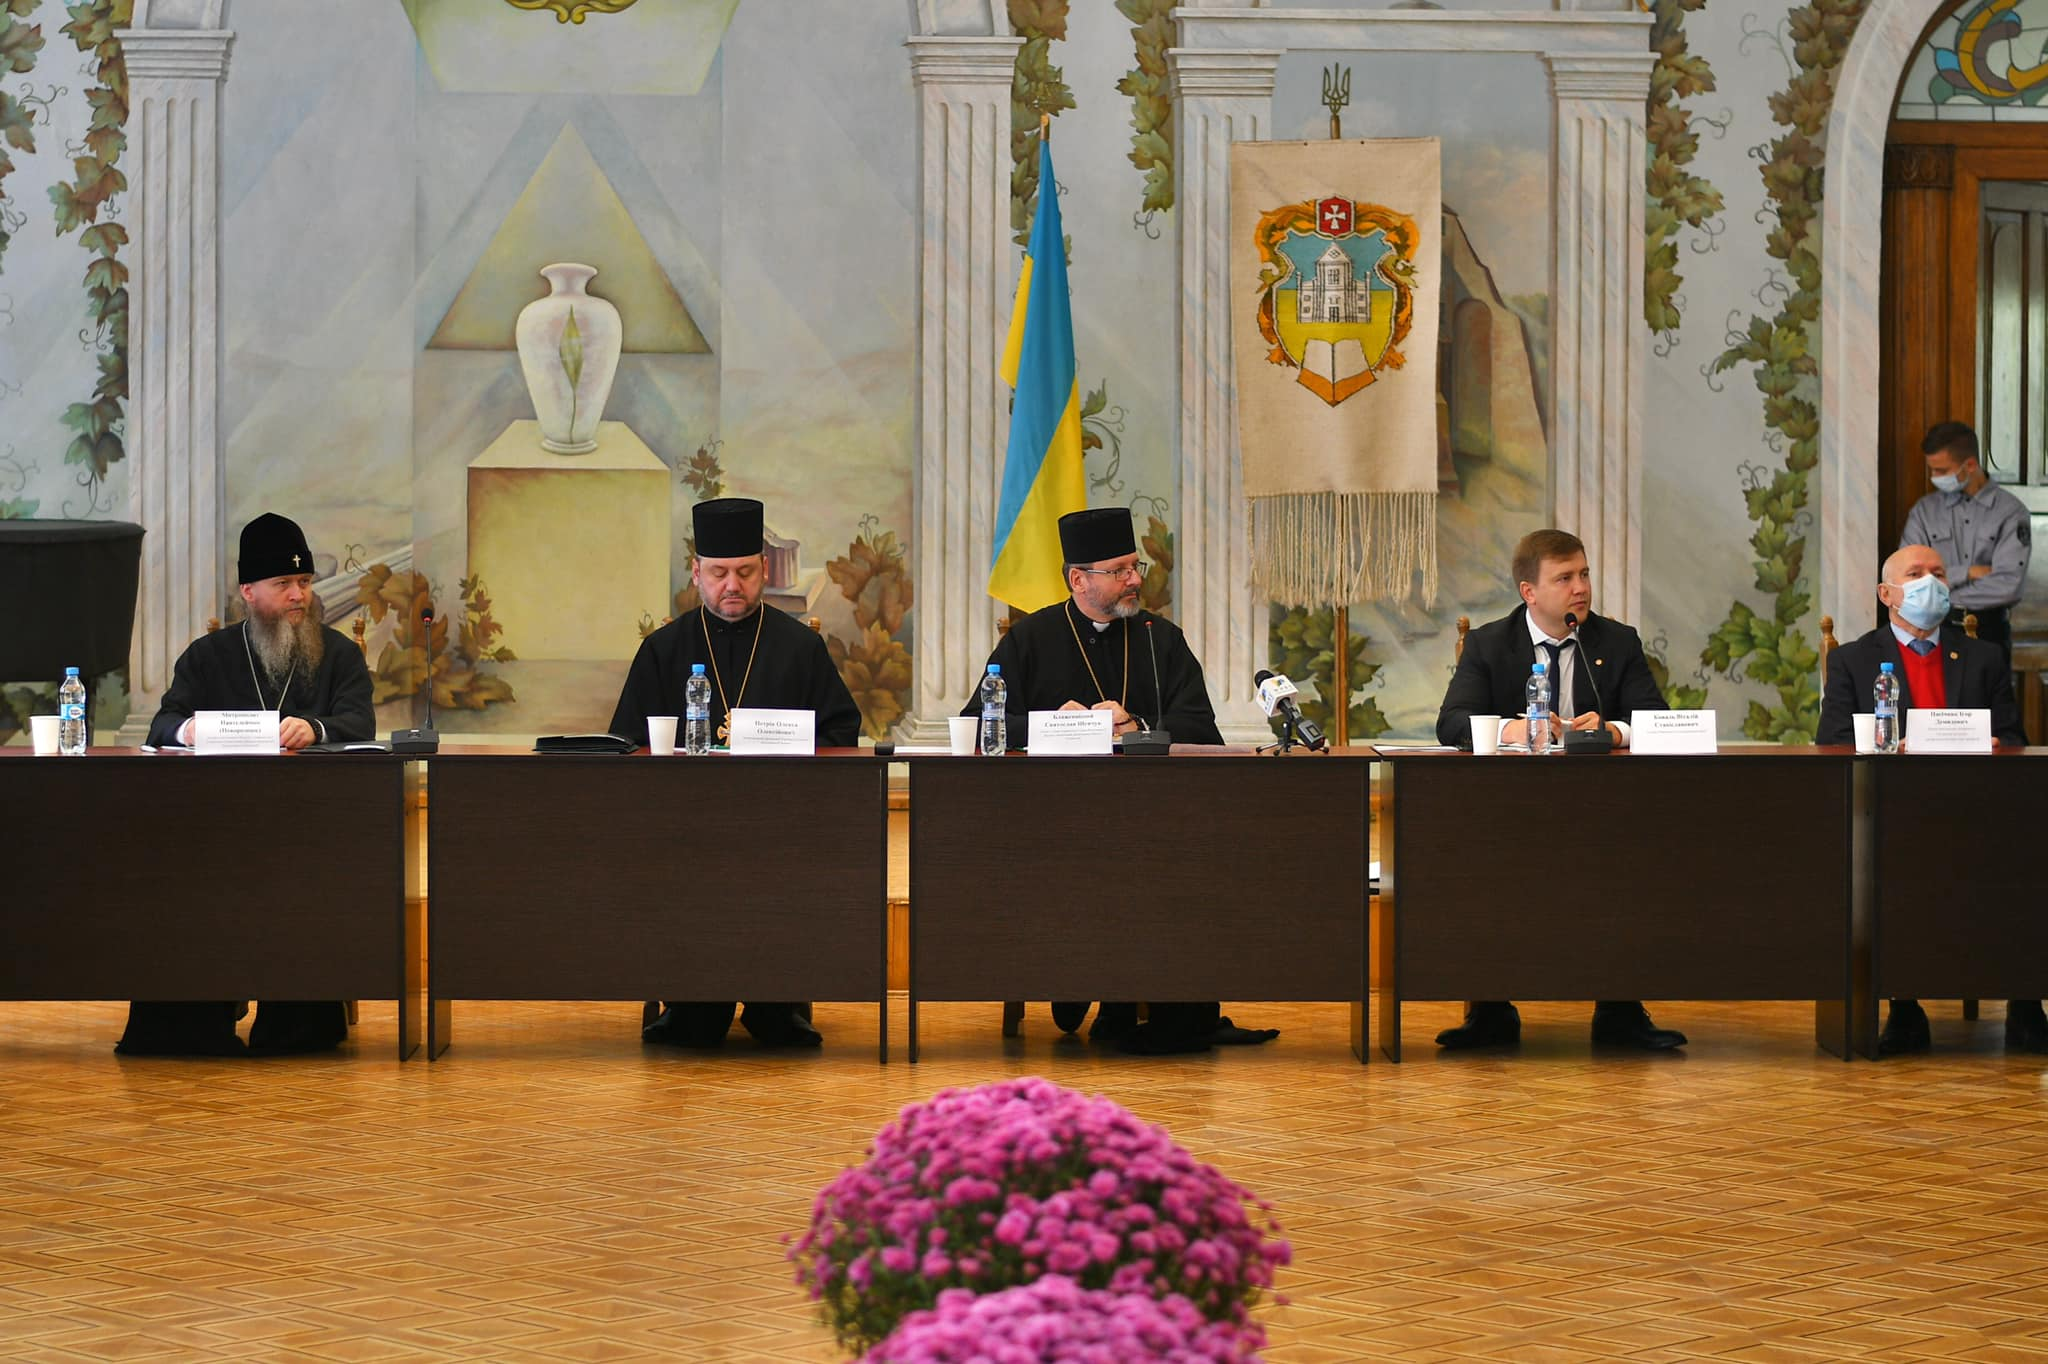 Більше двадцяти лідерів різних релігійних конфесій зібралися на Рівненщині: про що говорили